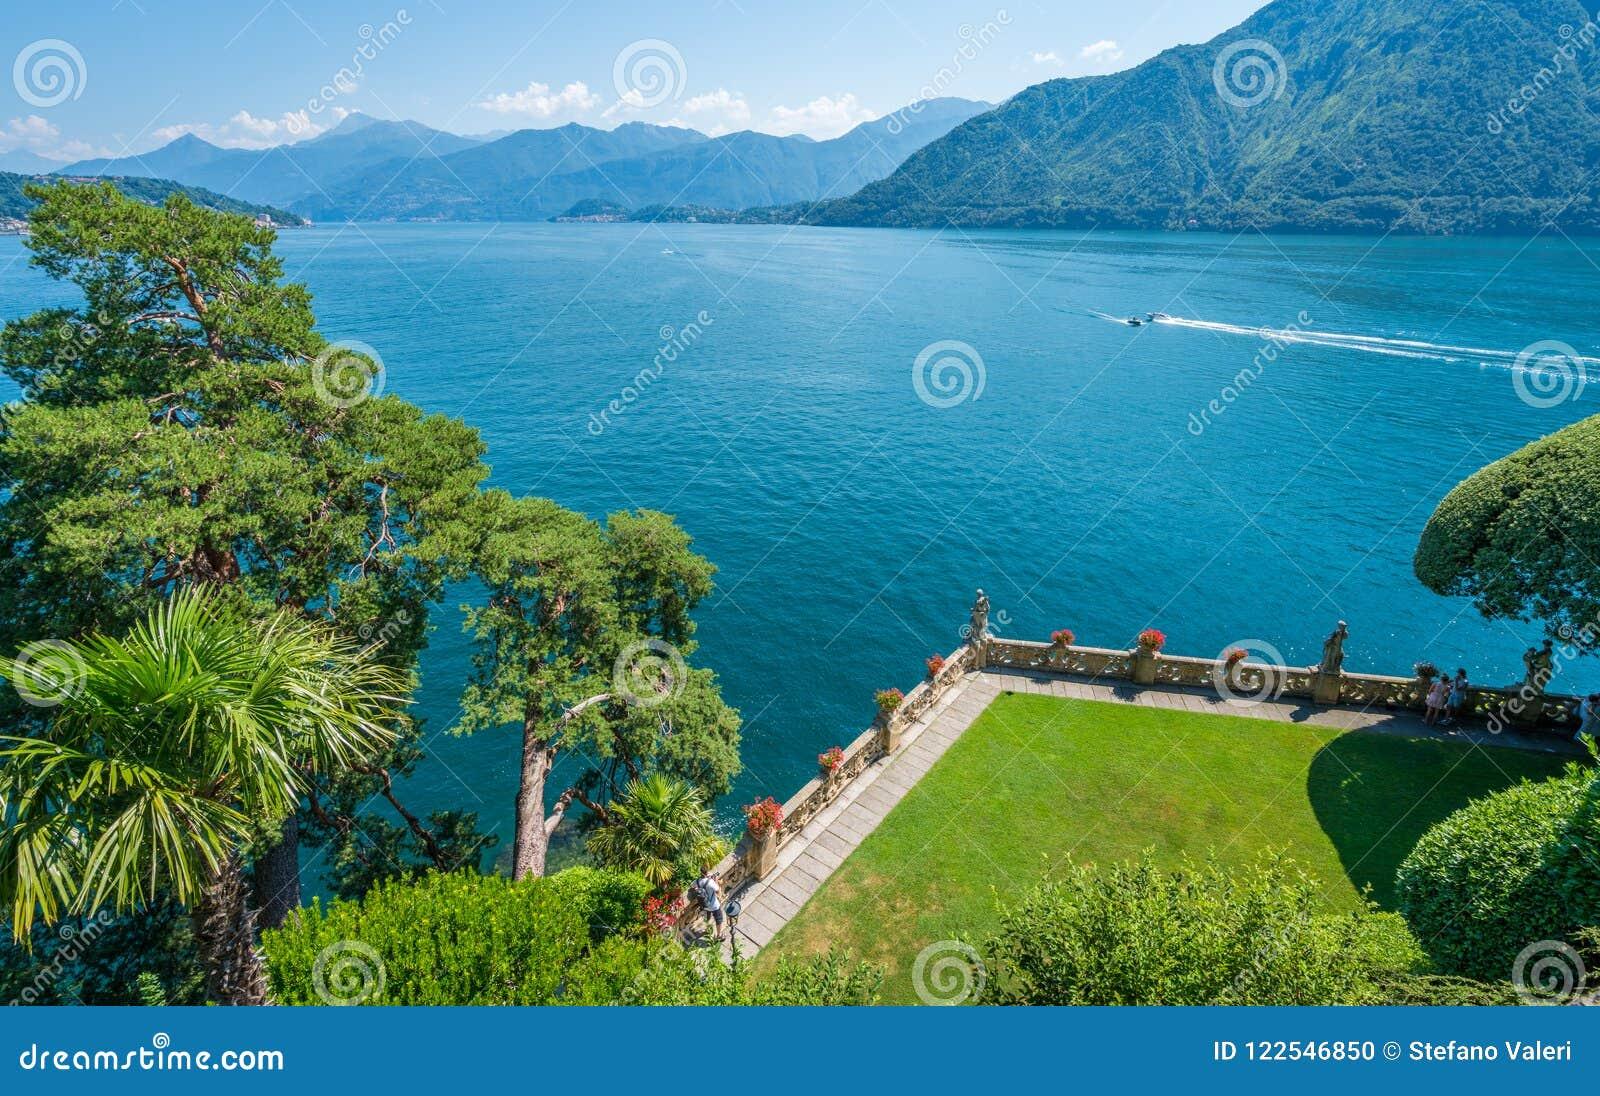 Villa del Balbianello, famous villa in the comune of Lenno, overlooking Lake Como. Lombardy, Italy.